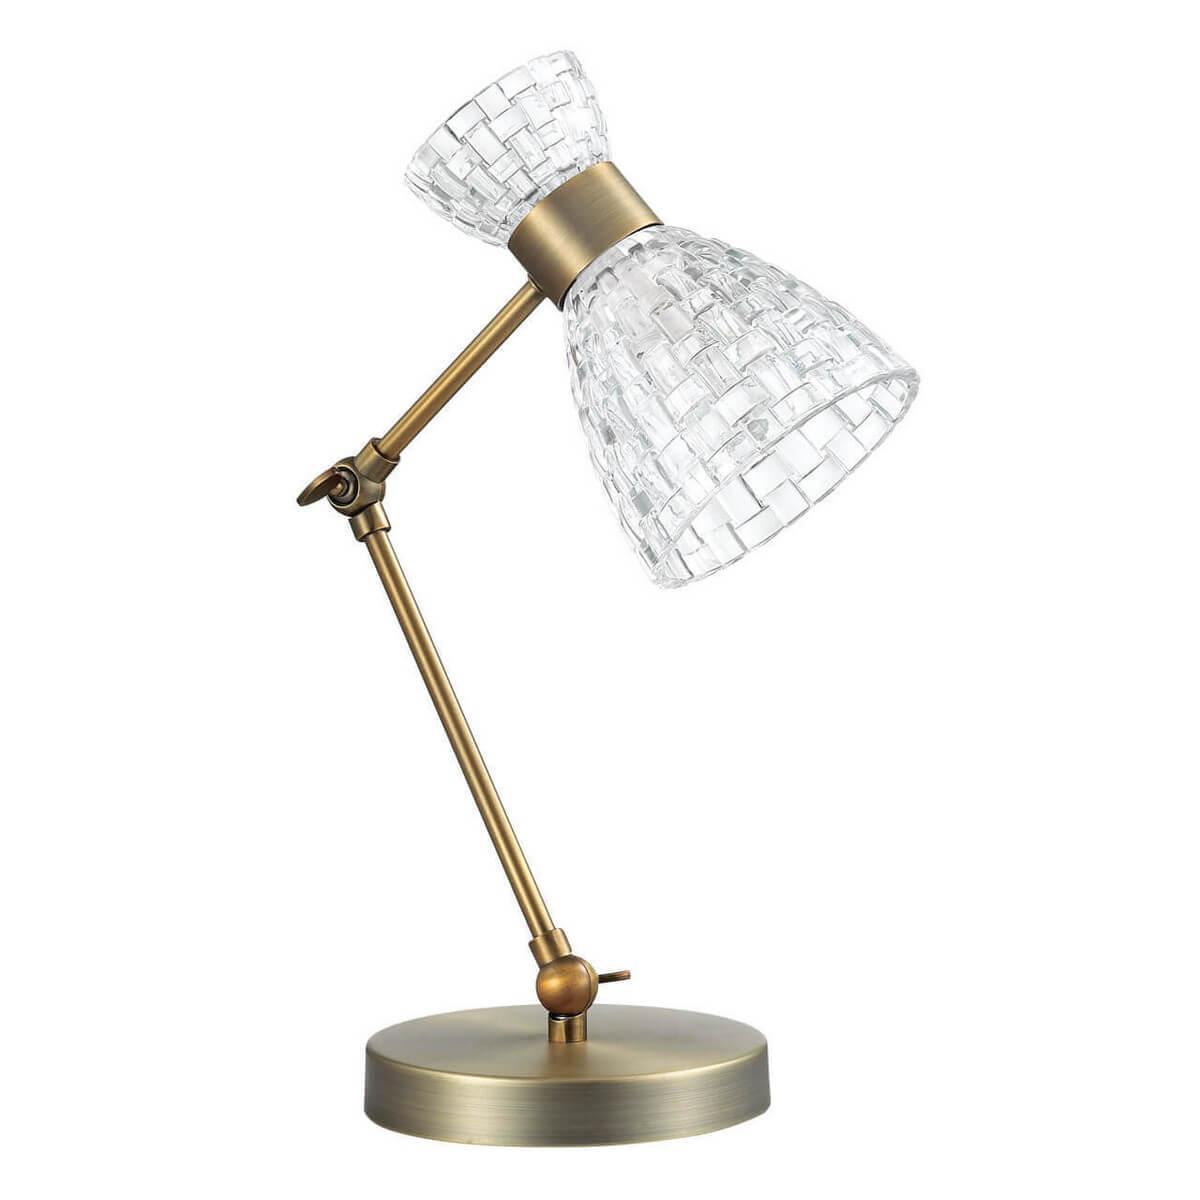 лучшая цена Настольный светильник Lumion 3704/1T, E14, 40 Вт